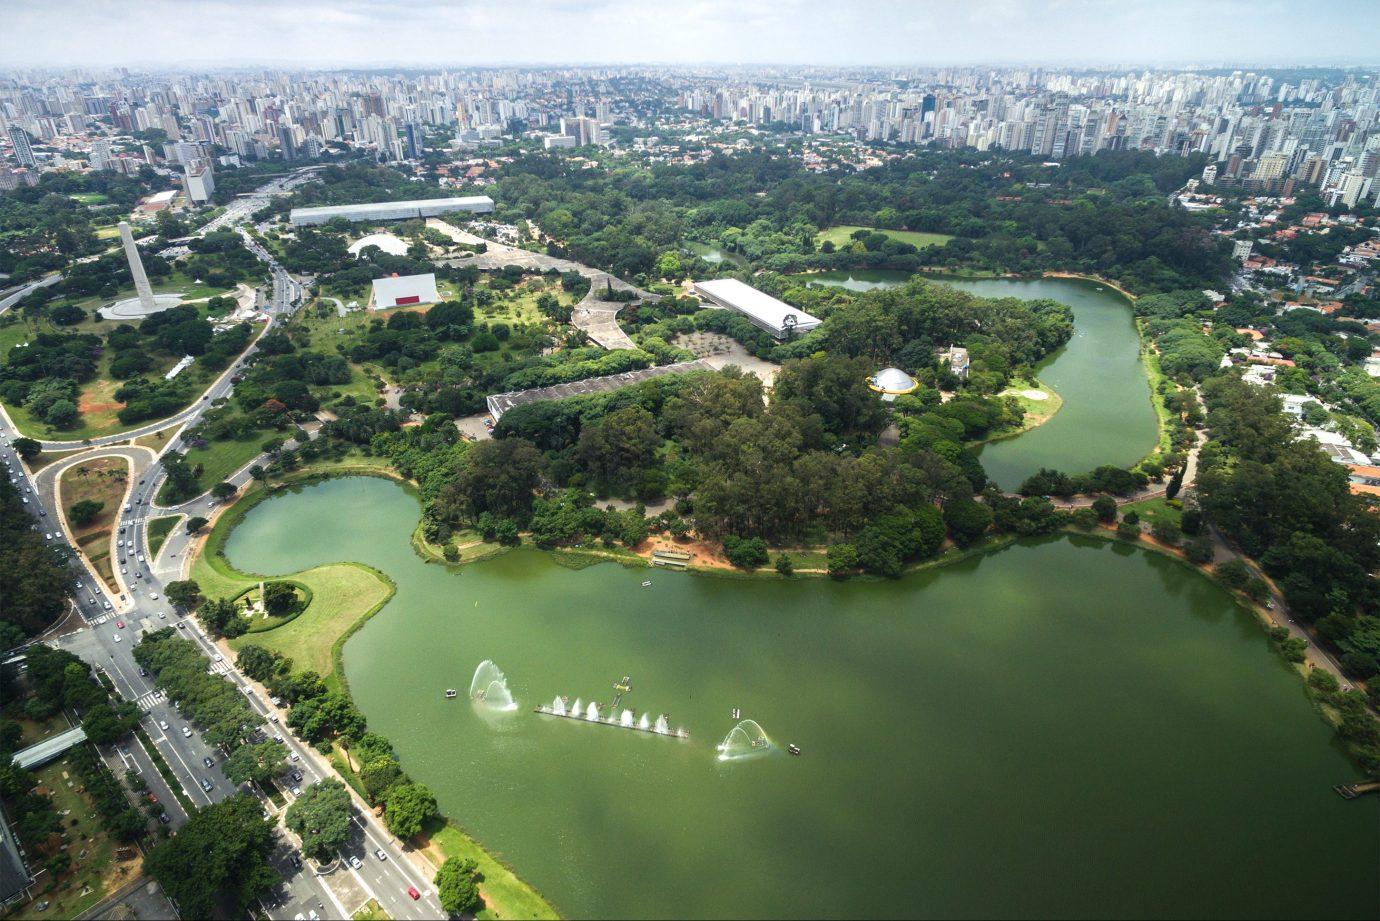 Parque do Ibirapuera2